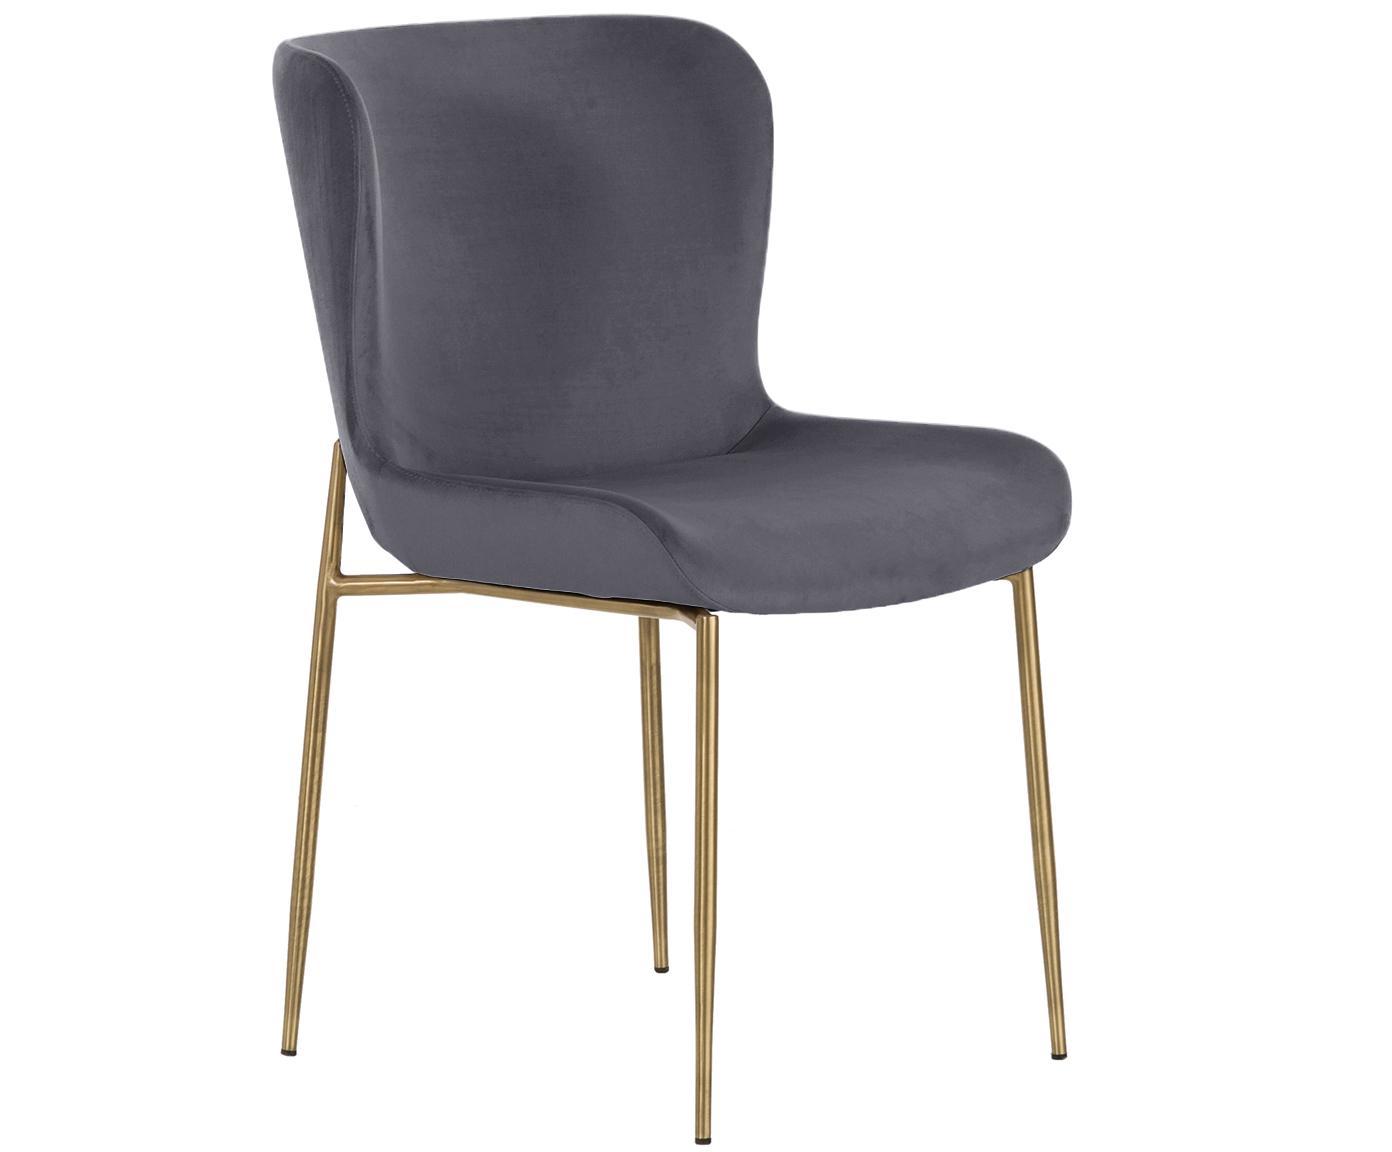 Fluwelen stoel Tess, Bekleding: fluweel (polyester), Poten: gecoat metaal, Grijs, 48 x 84 cm